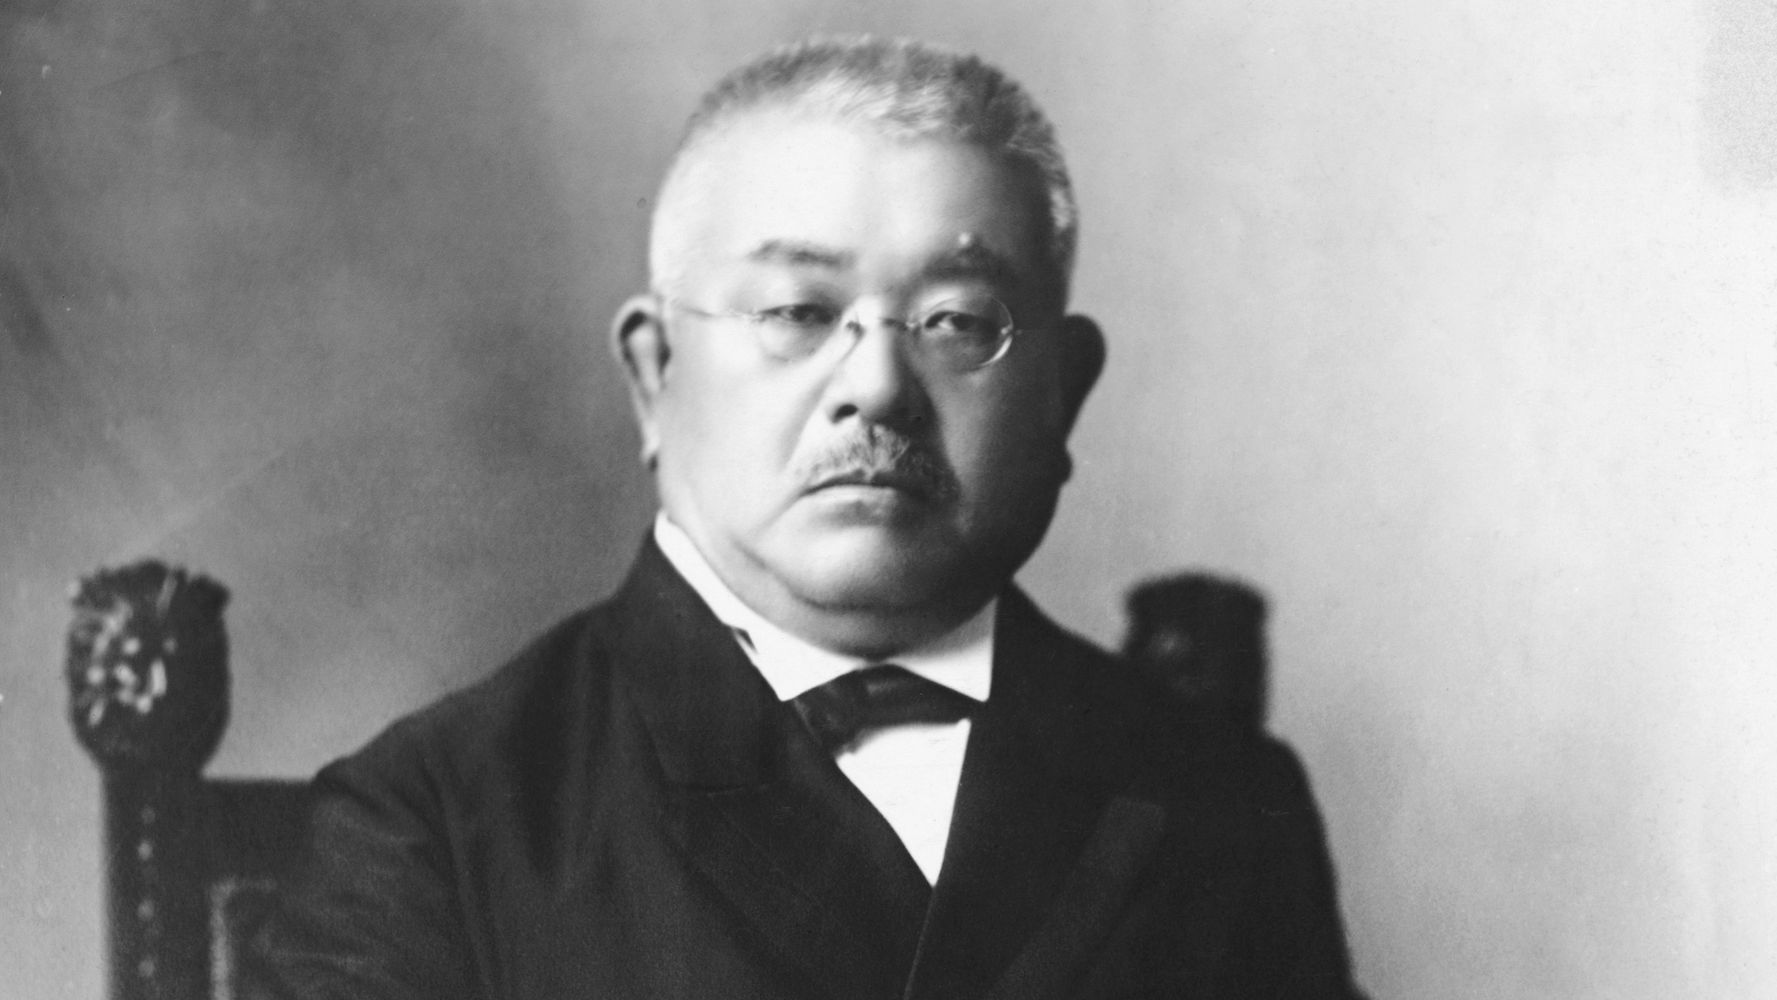 北里柴三郎とはどんな人物? 新千円札に肖像、予防医学の発展に貢献 ...